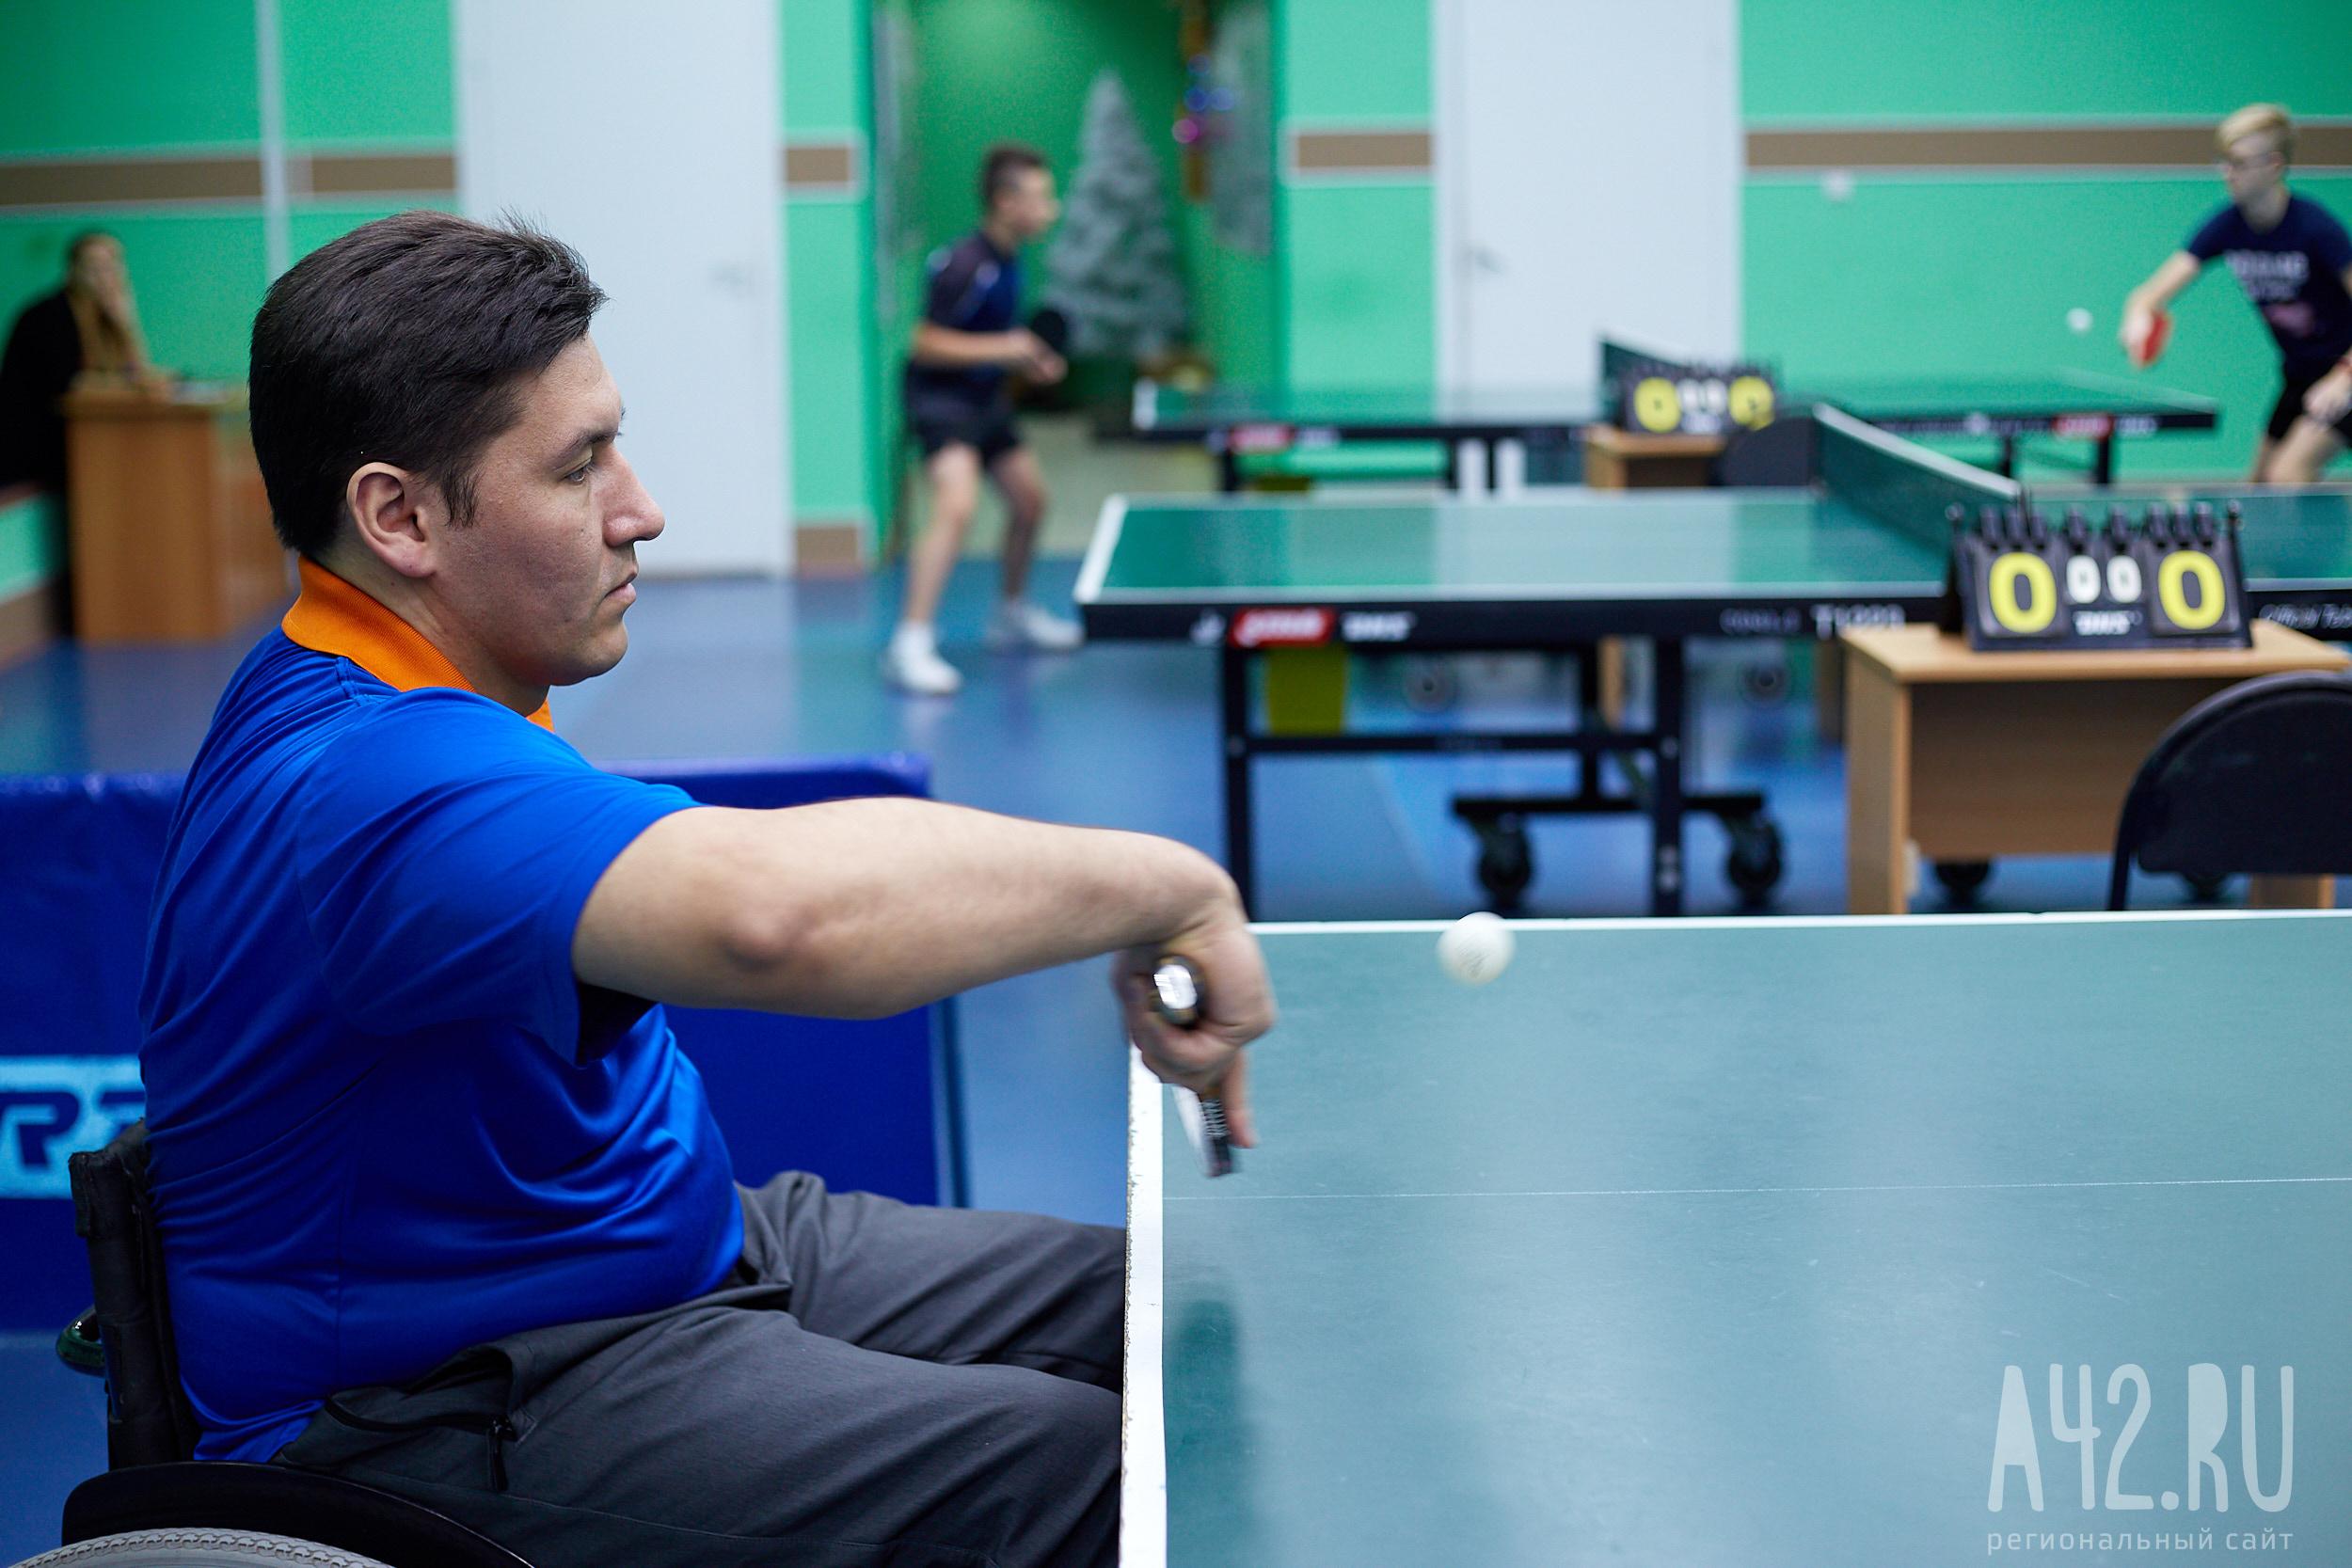 физической деятельности открытый чемпионат чехии по настольному теннису 2016 термобелье надевают детям